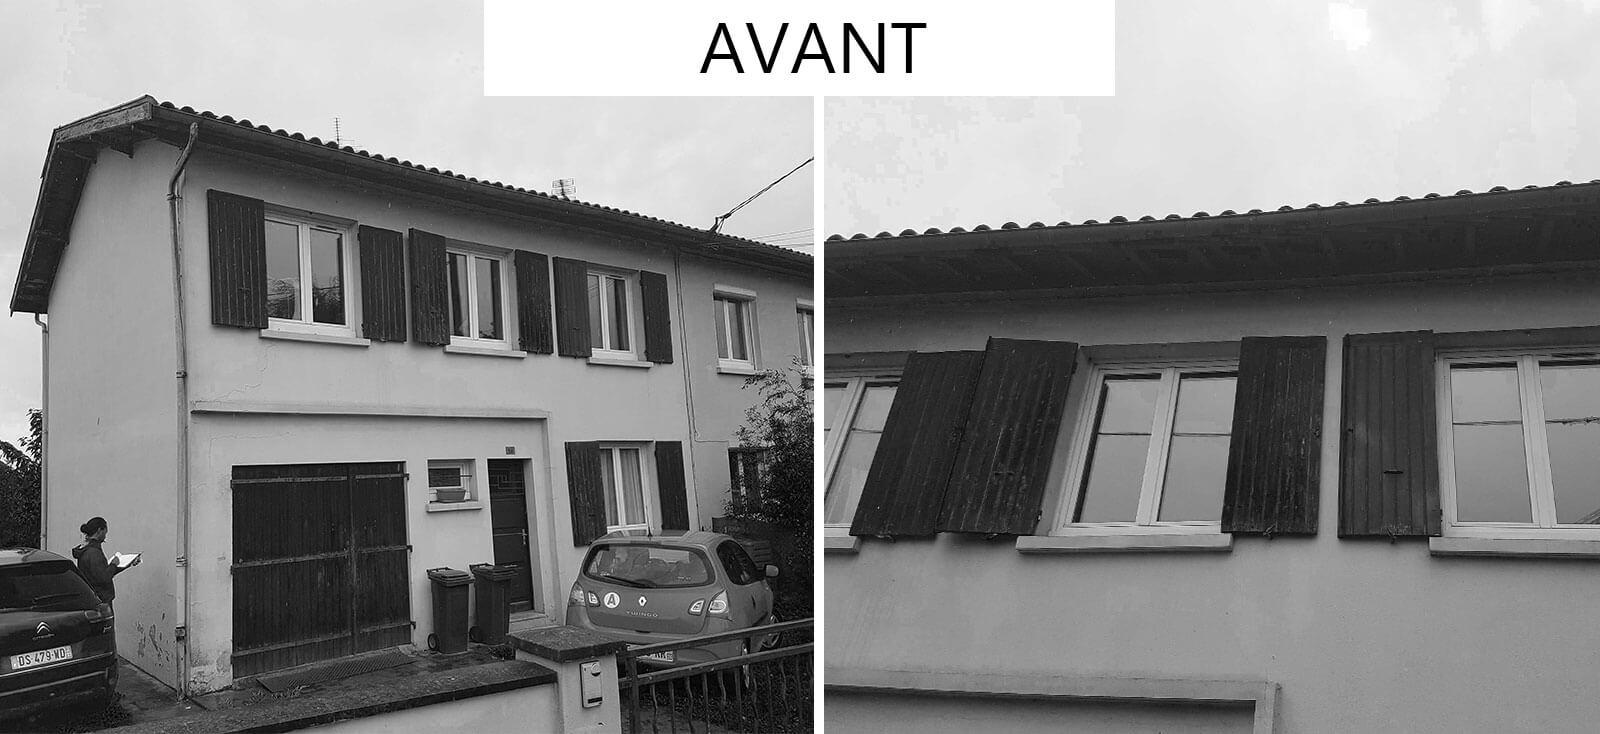 1600x734-avant-isaolation extérieure-Haillan